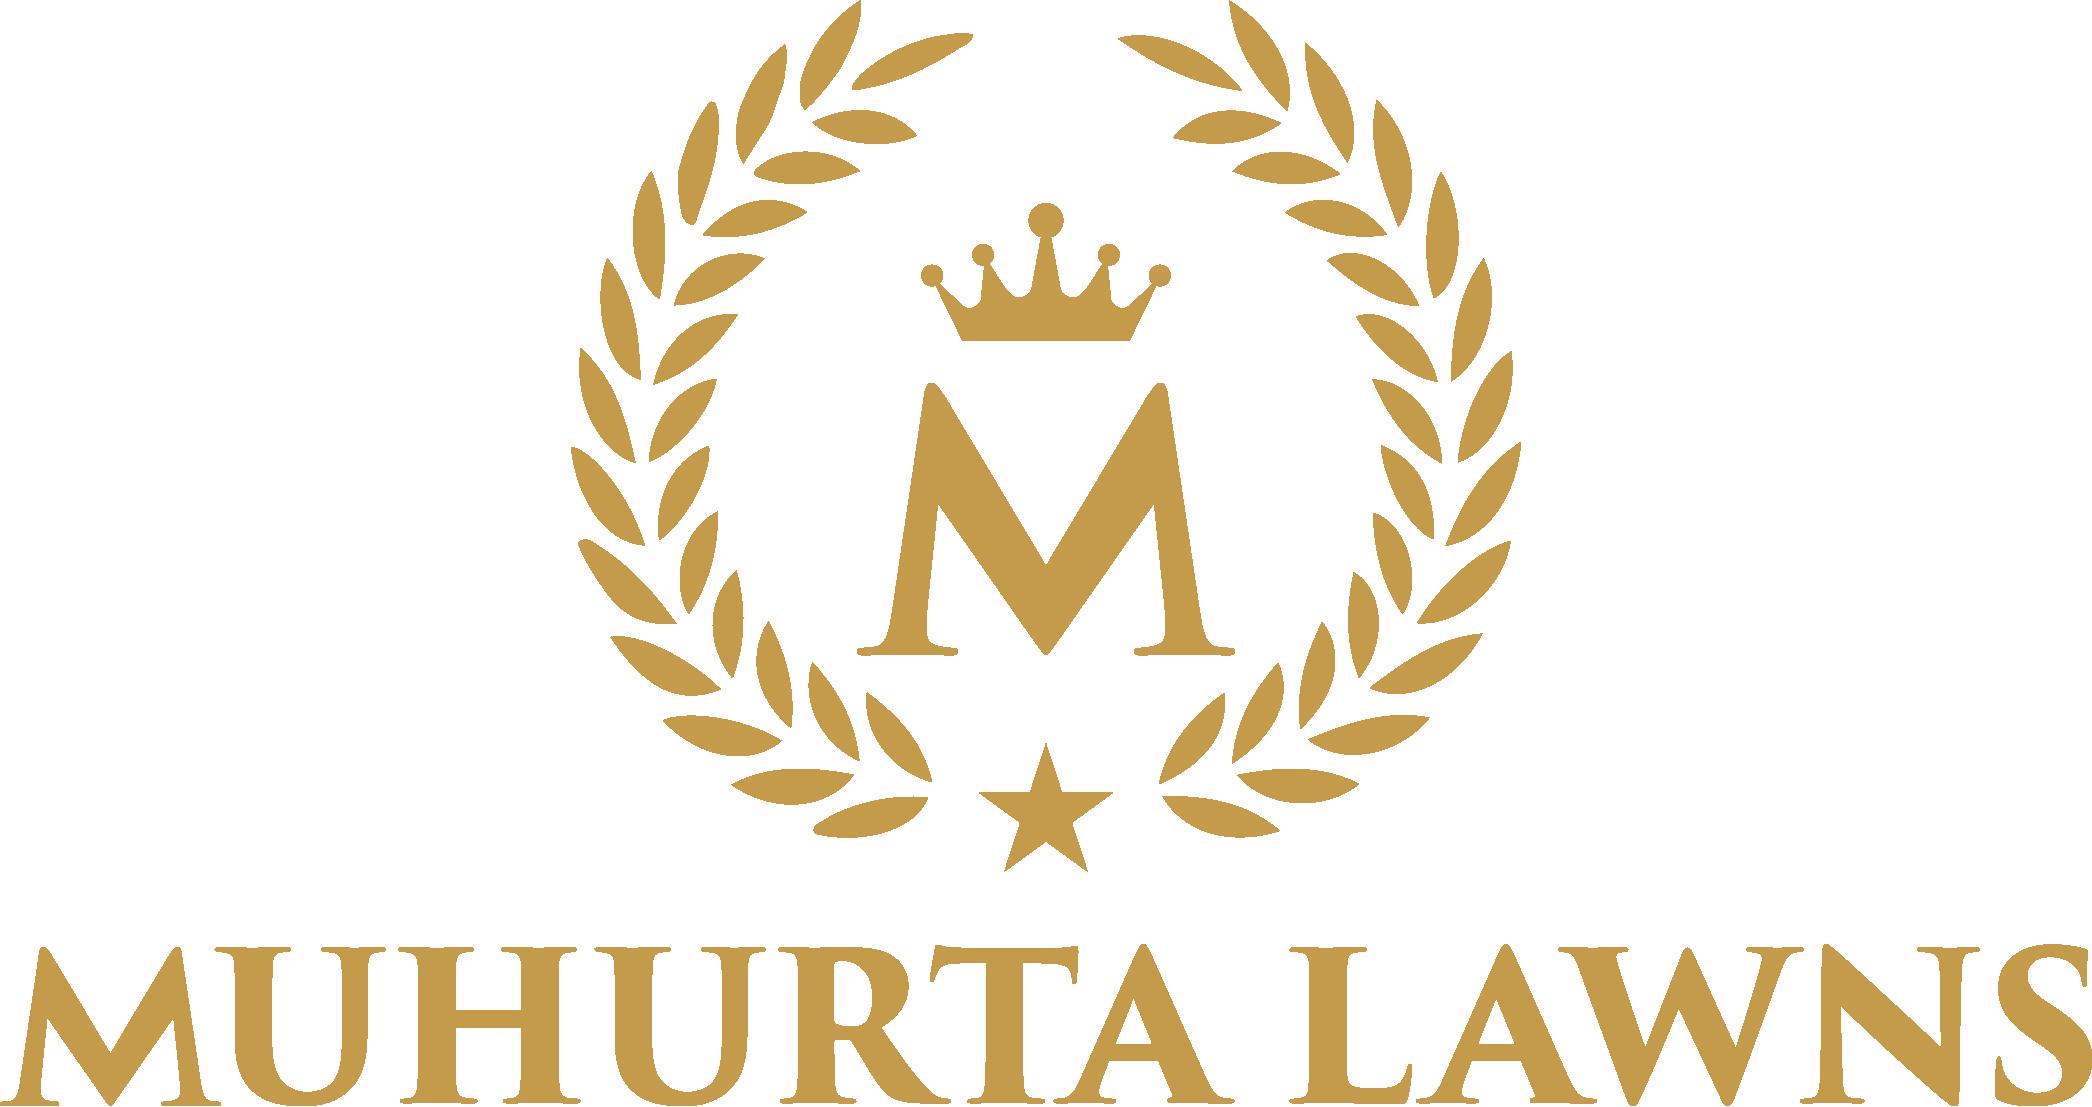 Muhurta Lawns